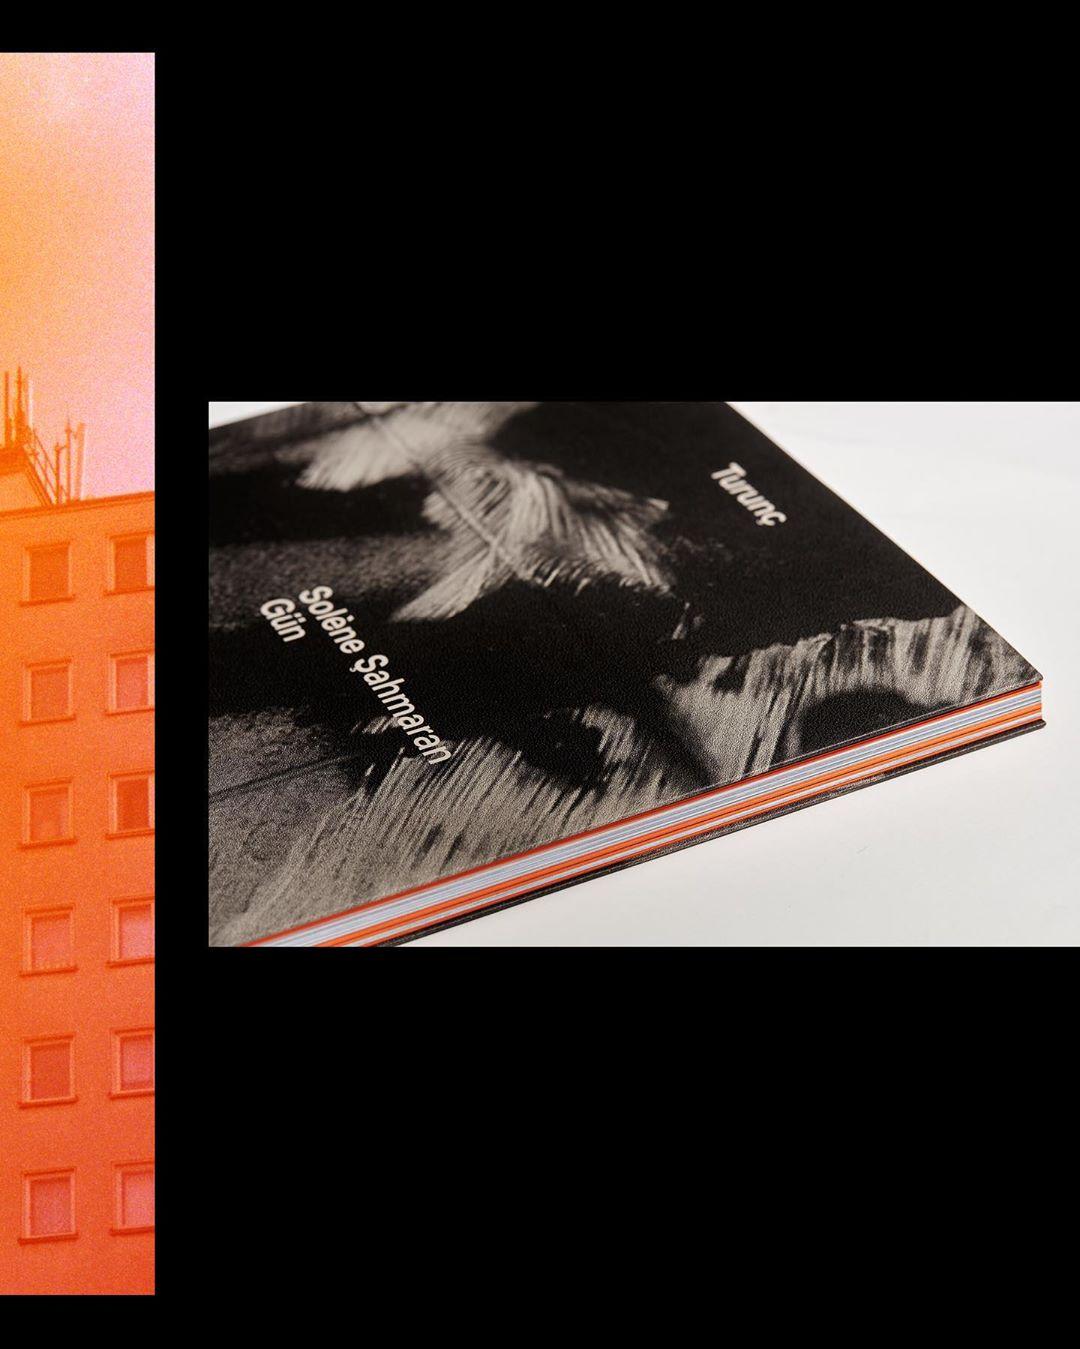 Turunç by Solène Gün w/ @gunsahma @thomasherve_studio @foam_amsterdam #2020